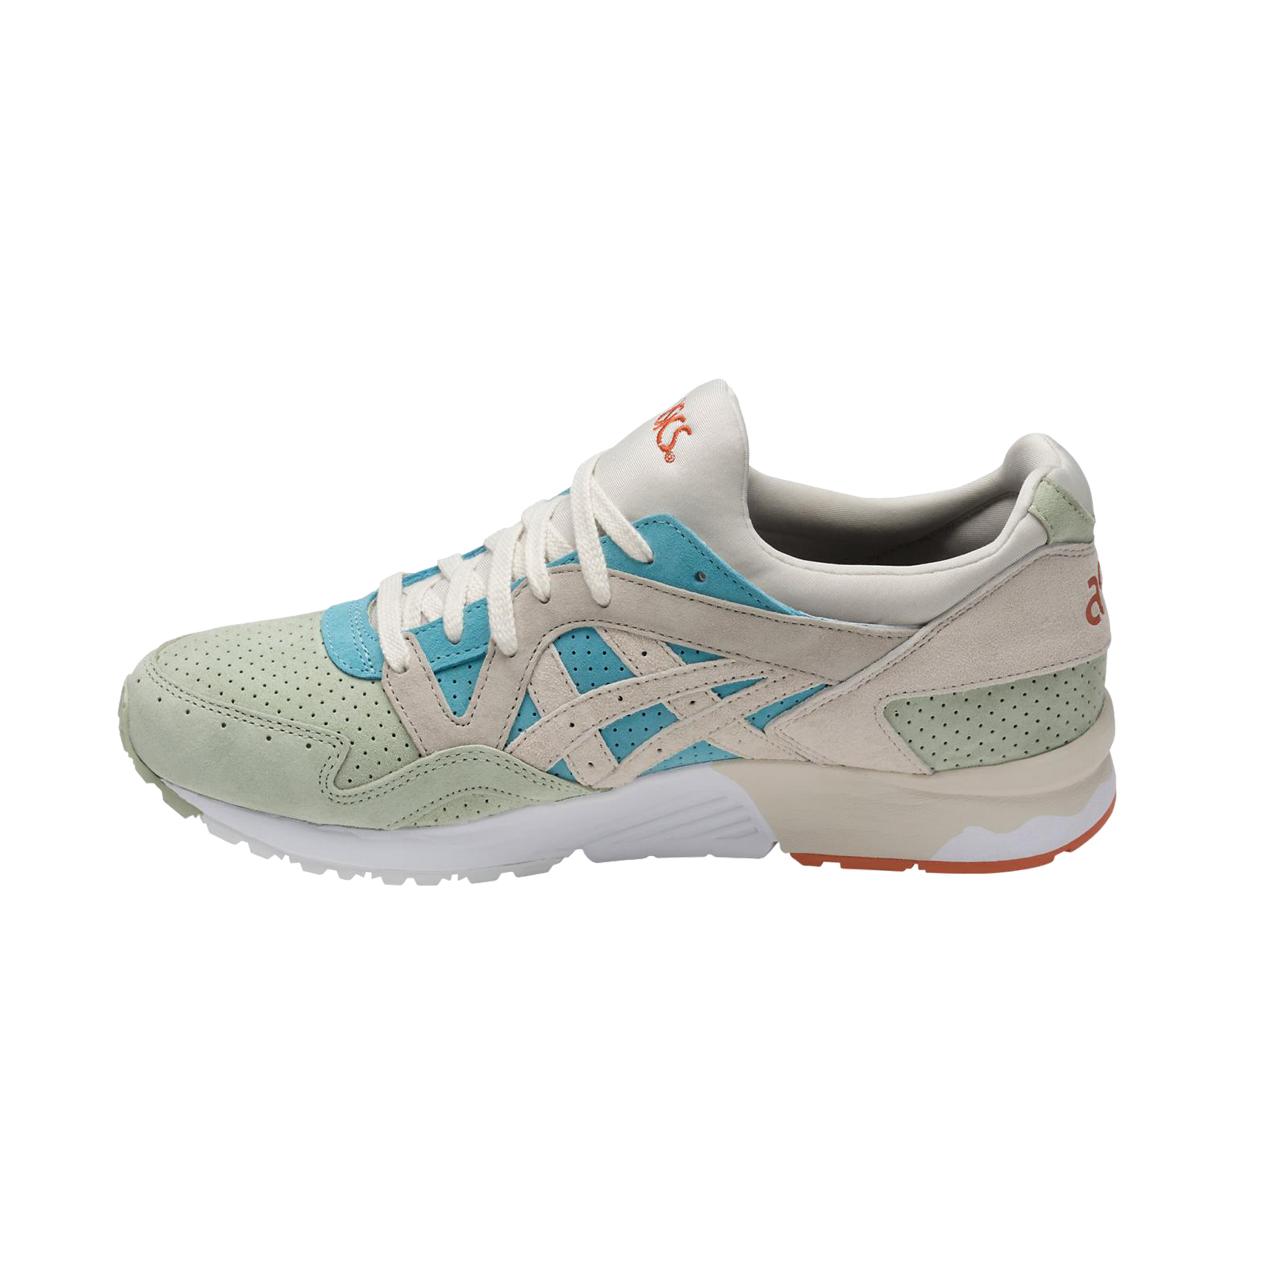 قیمت کفش مخصوص پیاده روی مردانه اسیکس مدل Gel Lyte V